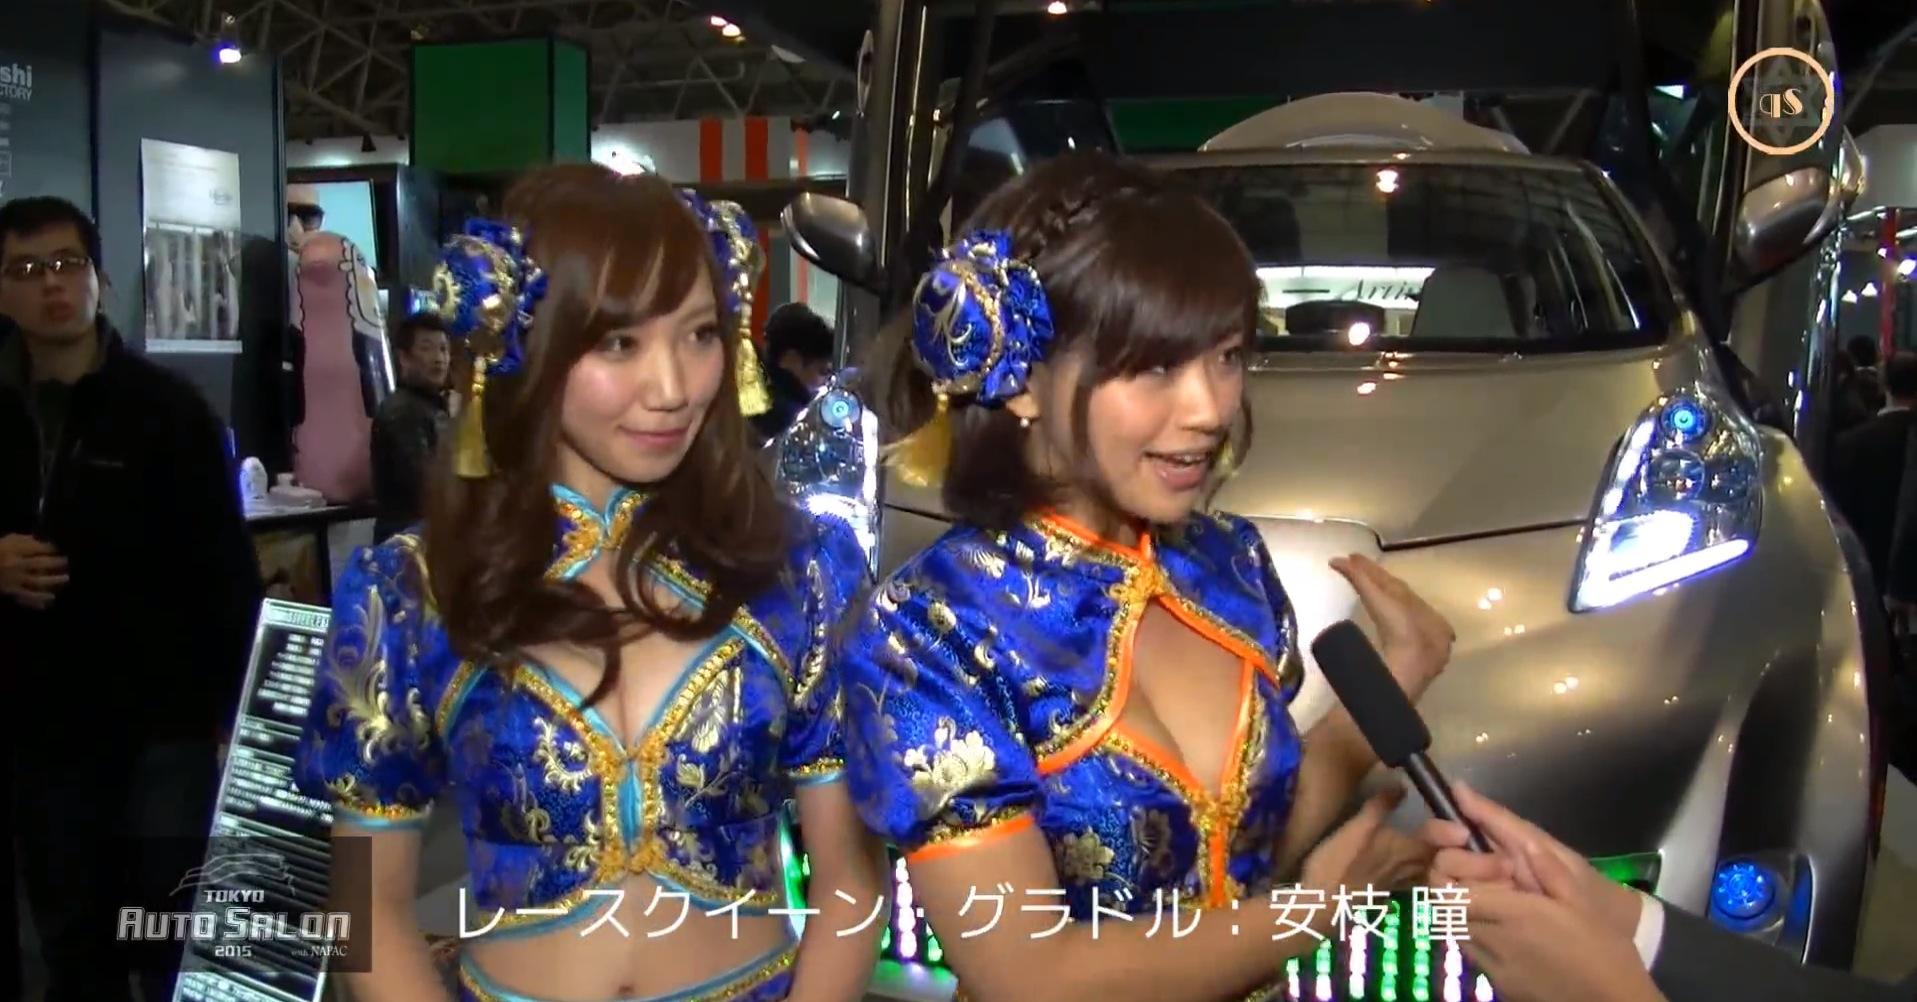 Japanese Girls Explain Bosozoku Leaf With Lambo Doors And